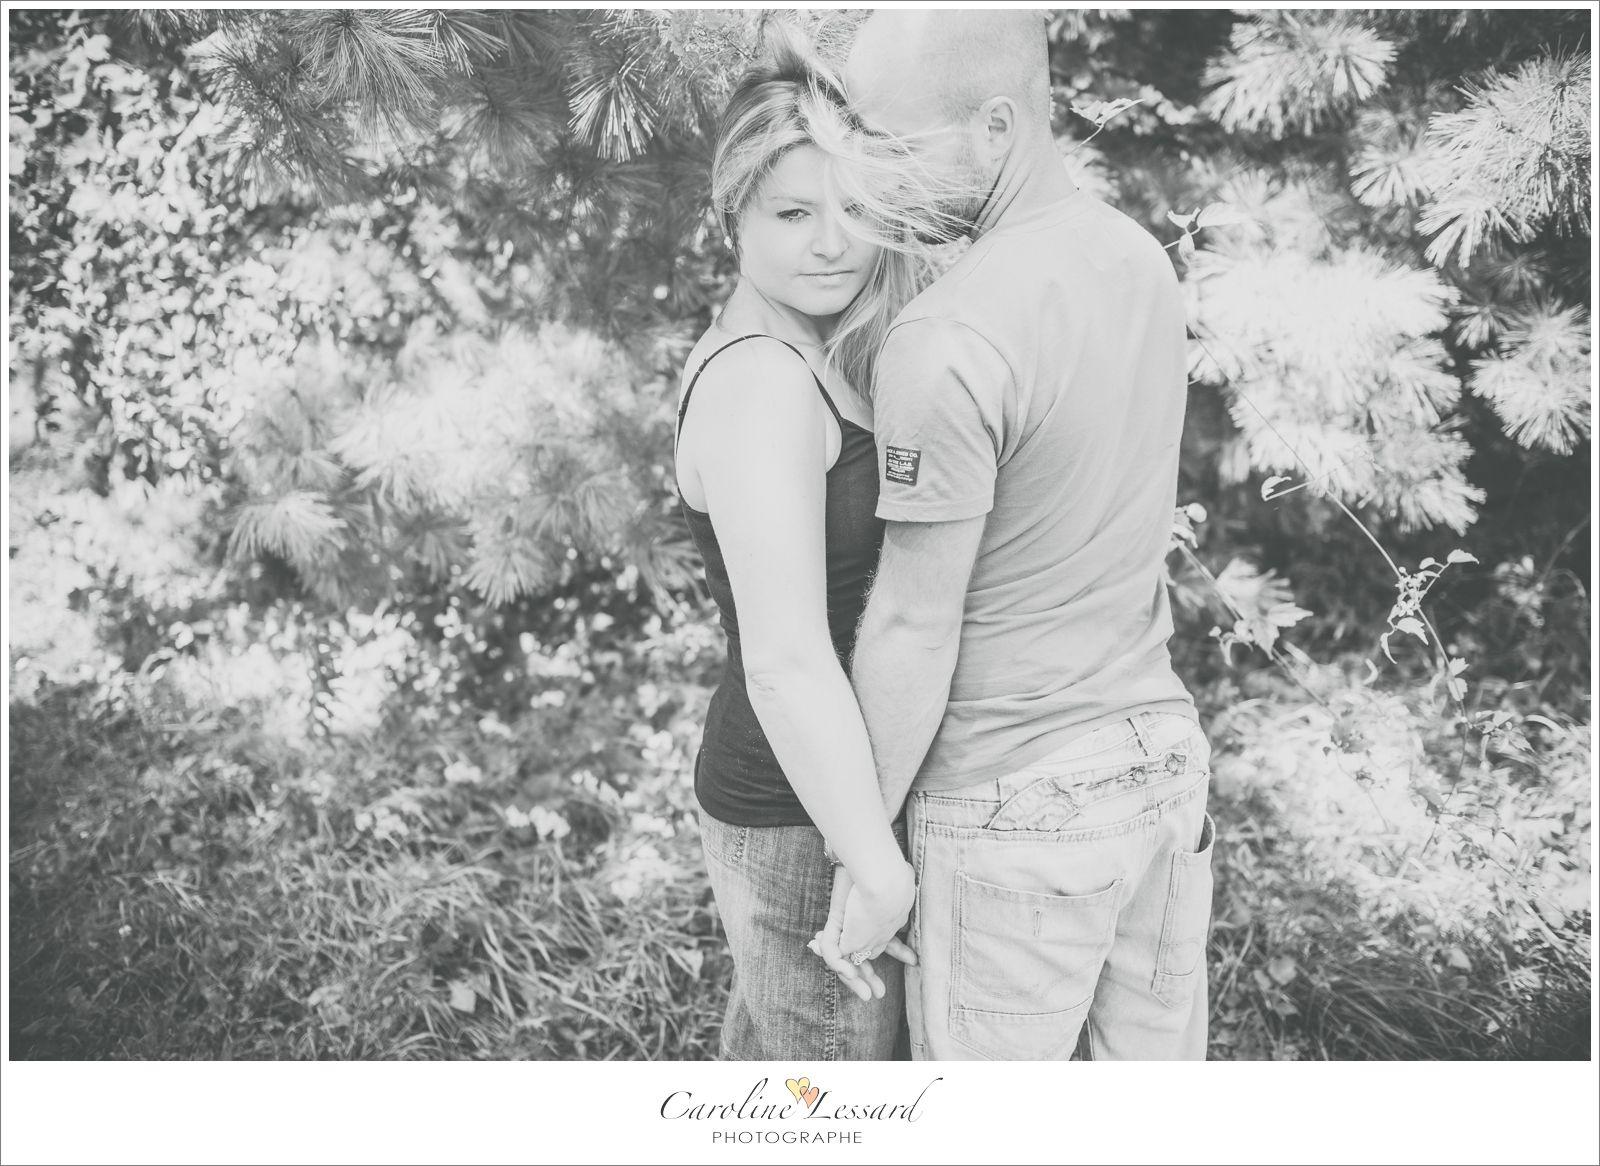 Caroline Lessard Photographe, Mariage, Couple, Maternité, Lifestyle, Laval Montréal et environs